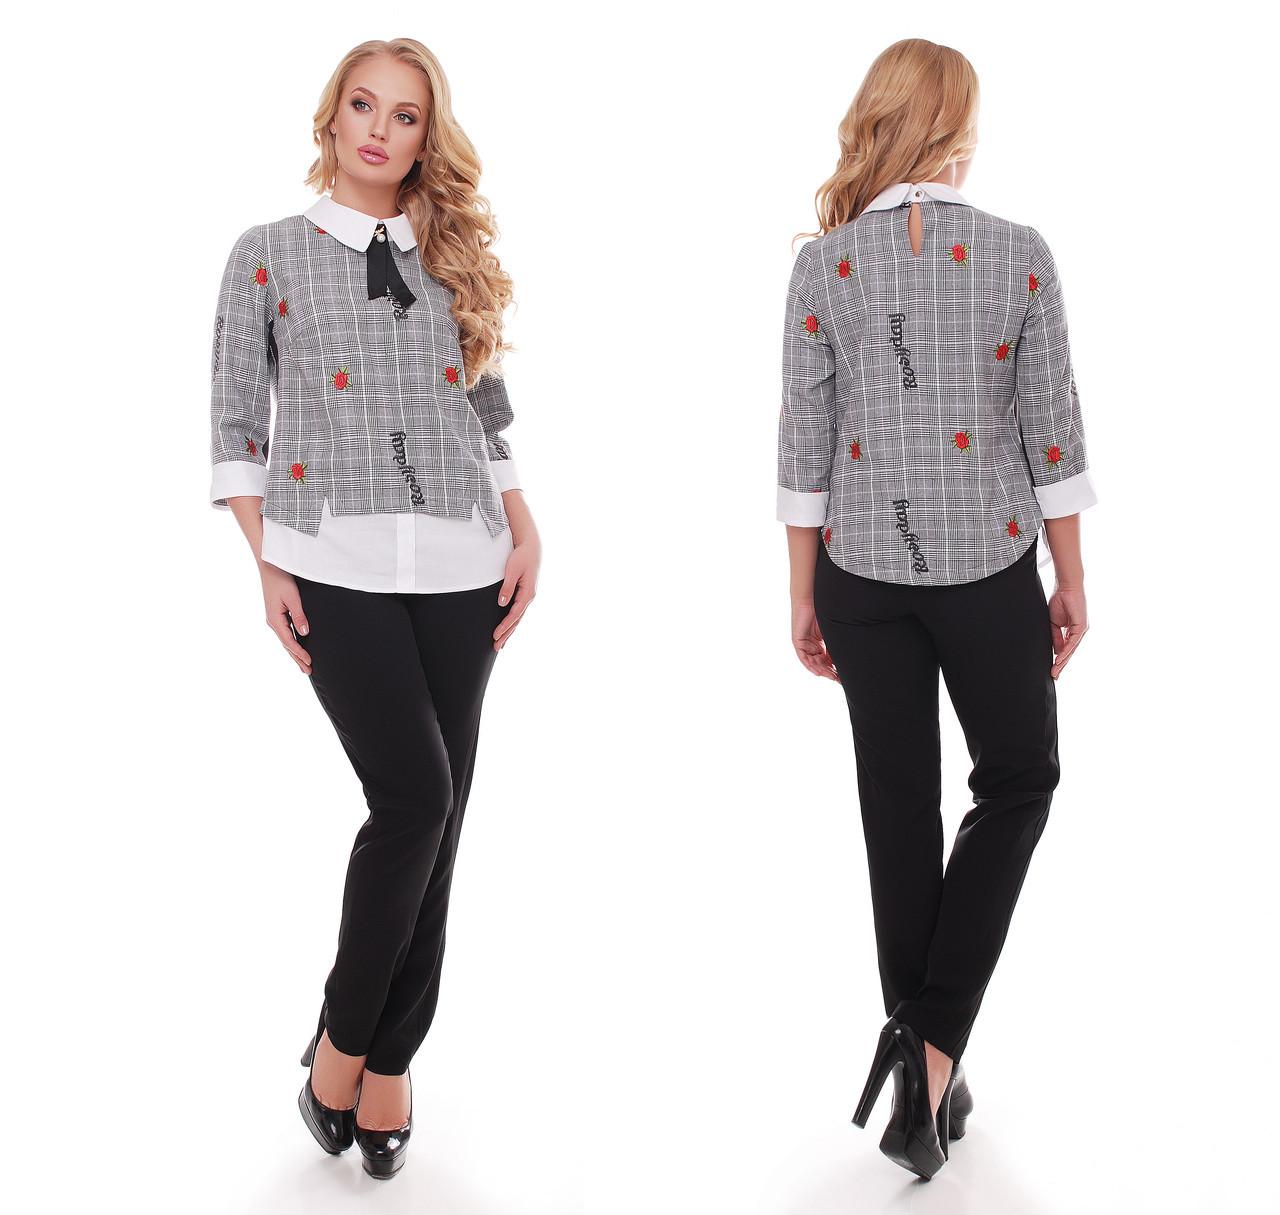 646717c1bb3 Костюм брючный Вилена с вышивкой - Интернет-магазин модной женской одежды  Кардиган в Киеве